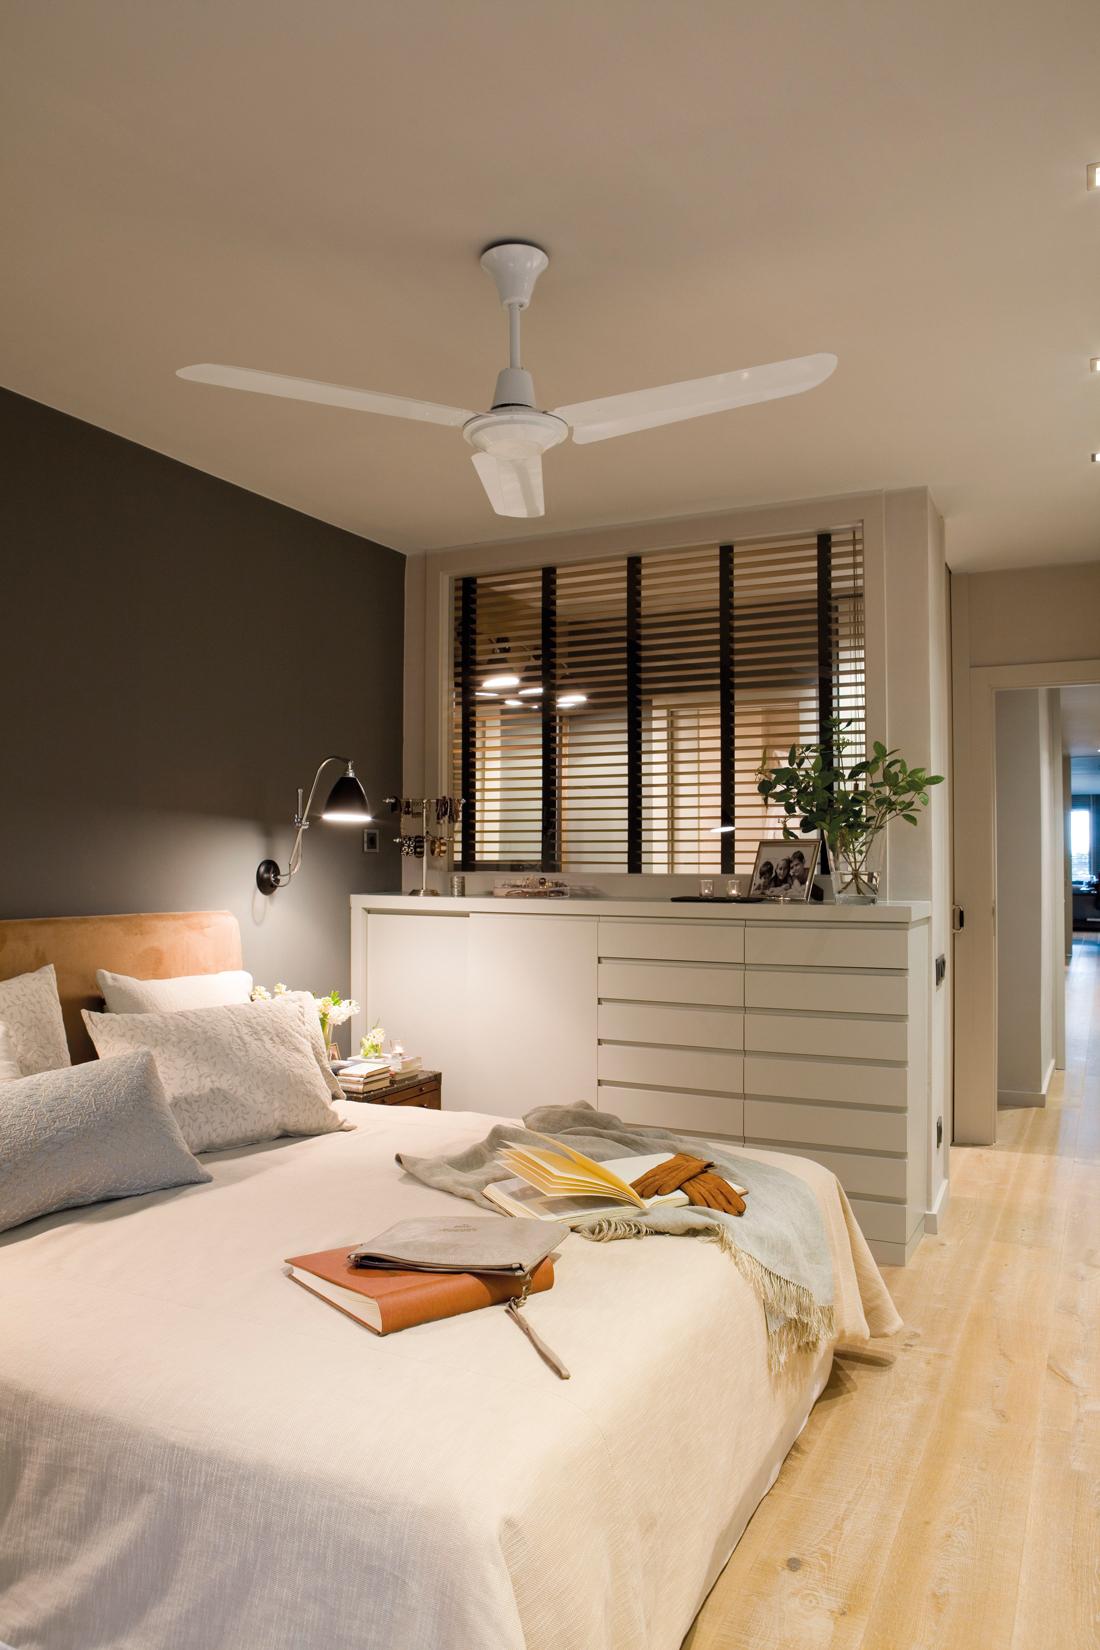 00357897. Dormitorio principal con pared en gris oscuro, pared acristalada a baño, cajonera y ventilador 00357897